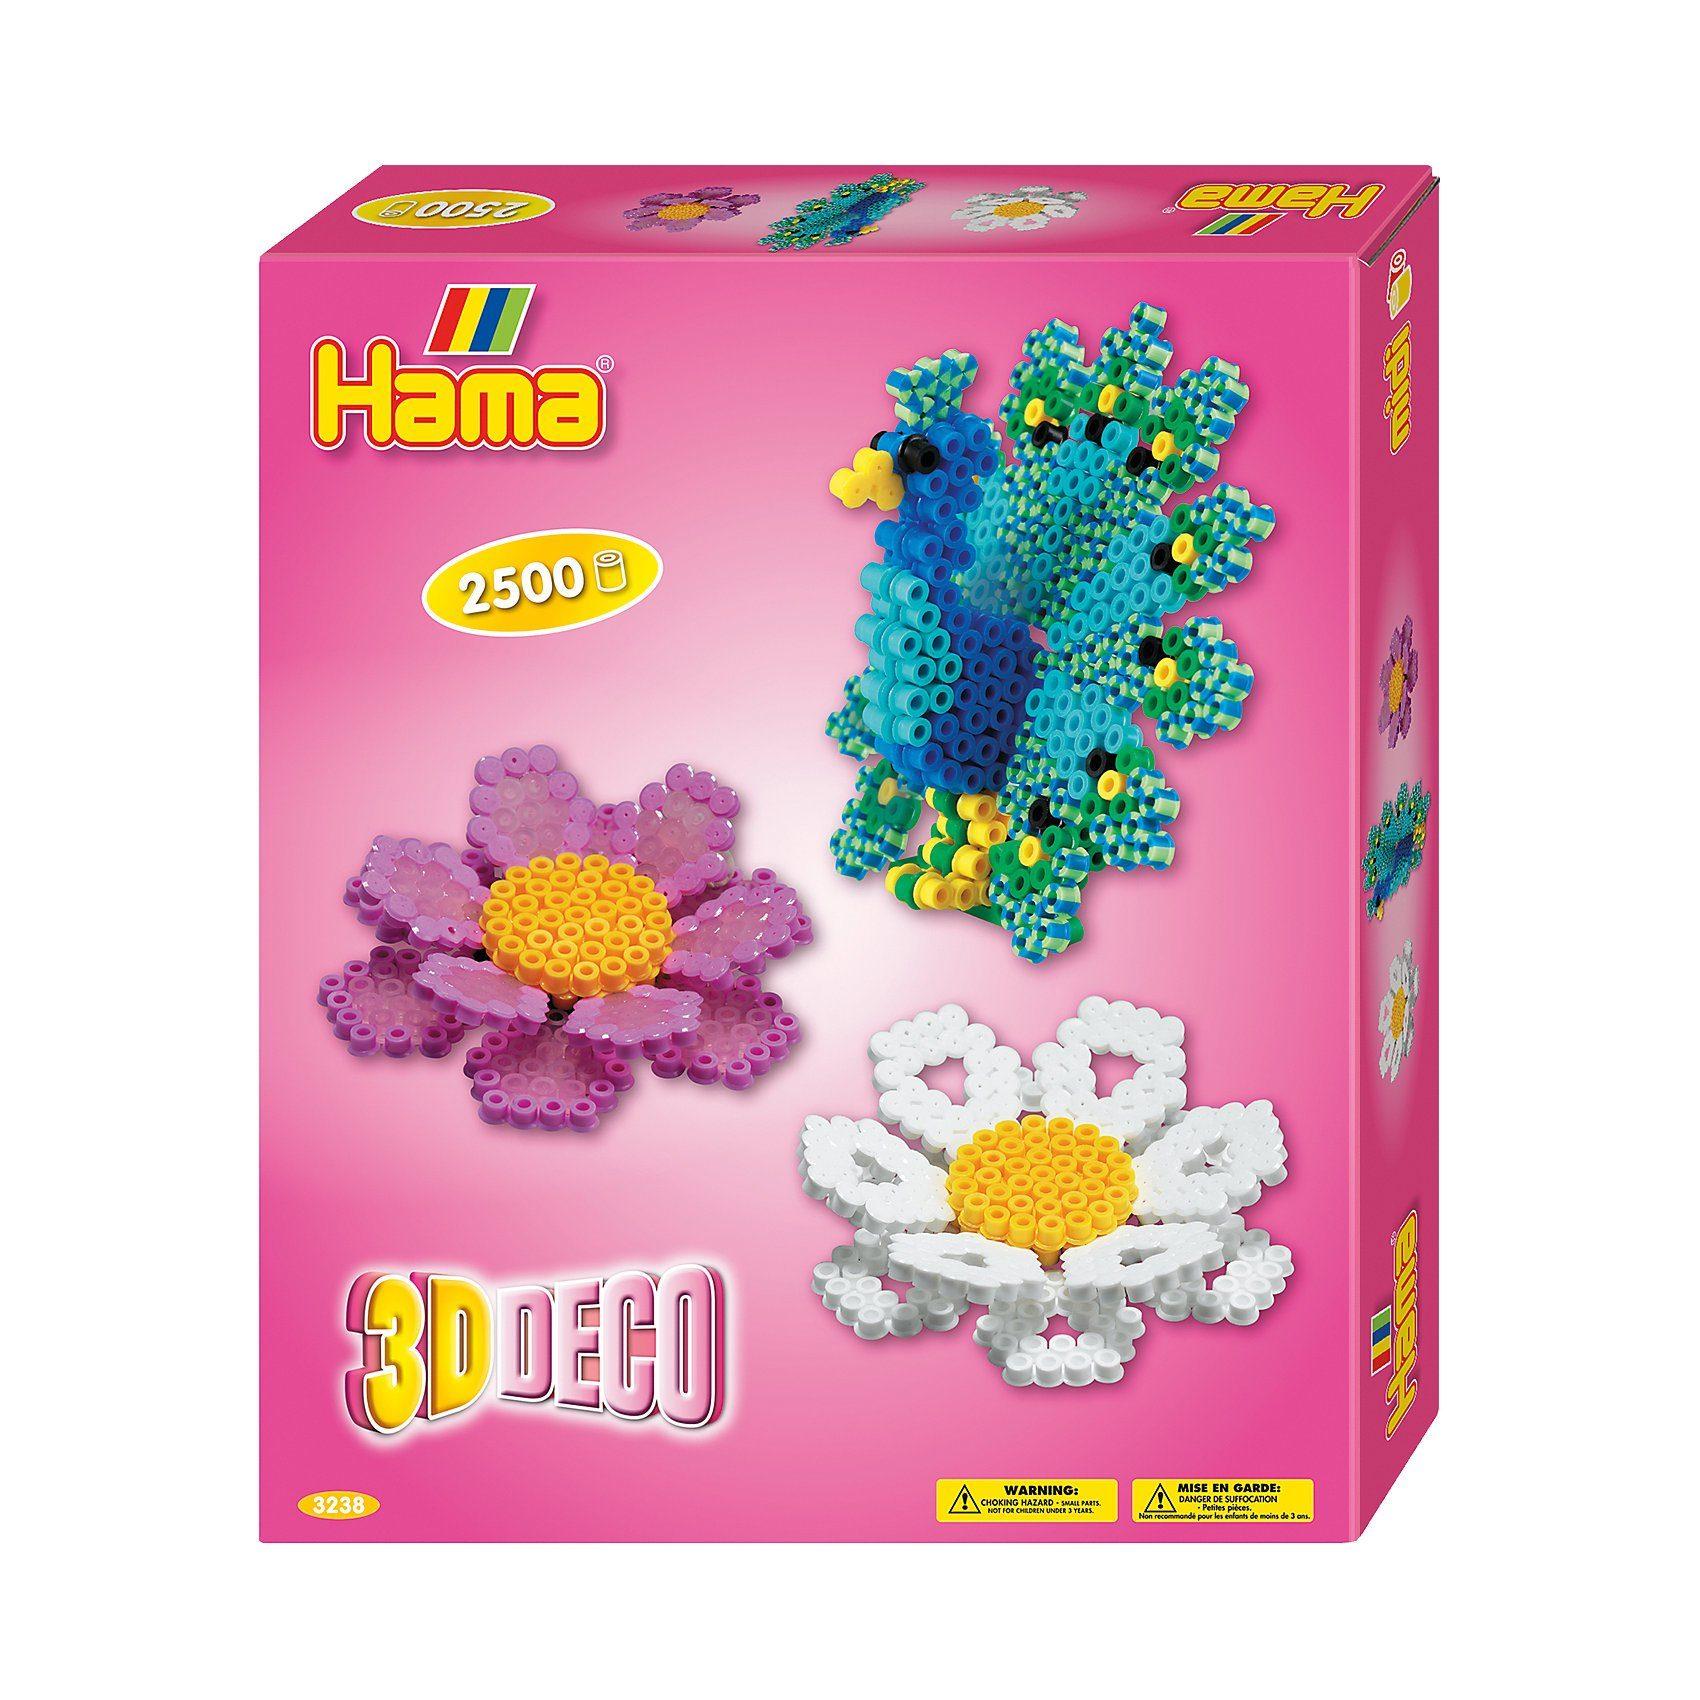 Hama Perlen HAMA 3238 Geschenkset 3D-Deko, 2.500 midi-Perlen & Zubehör